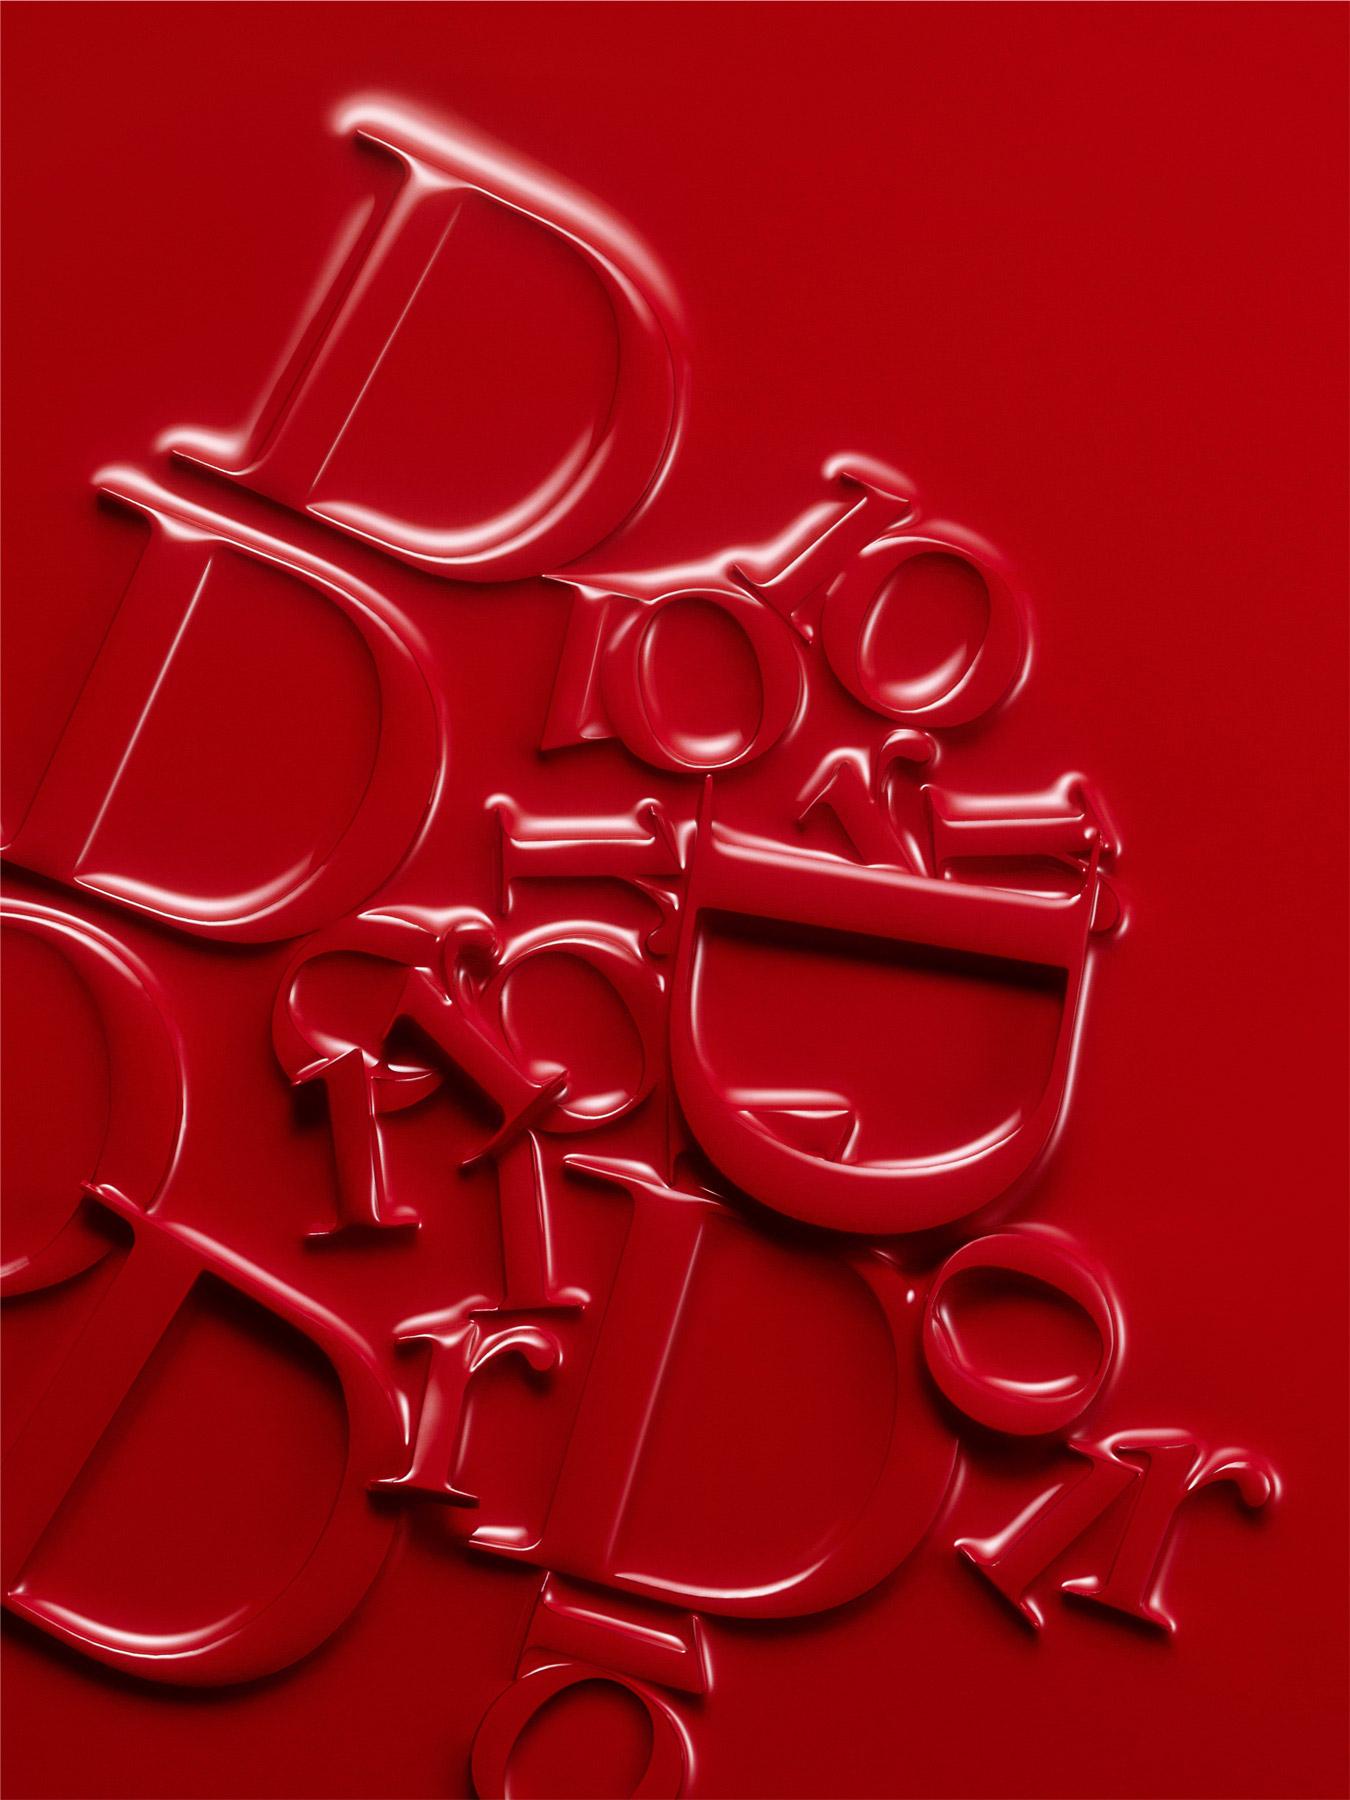 c03dior_rouge